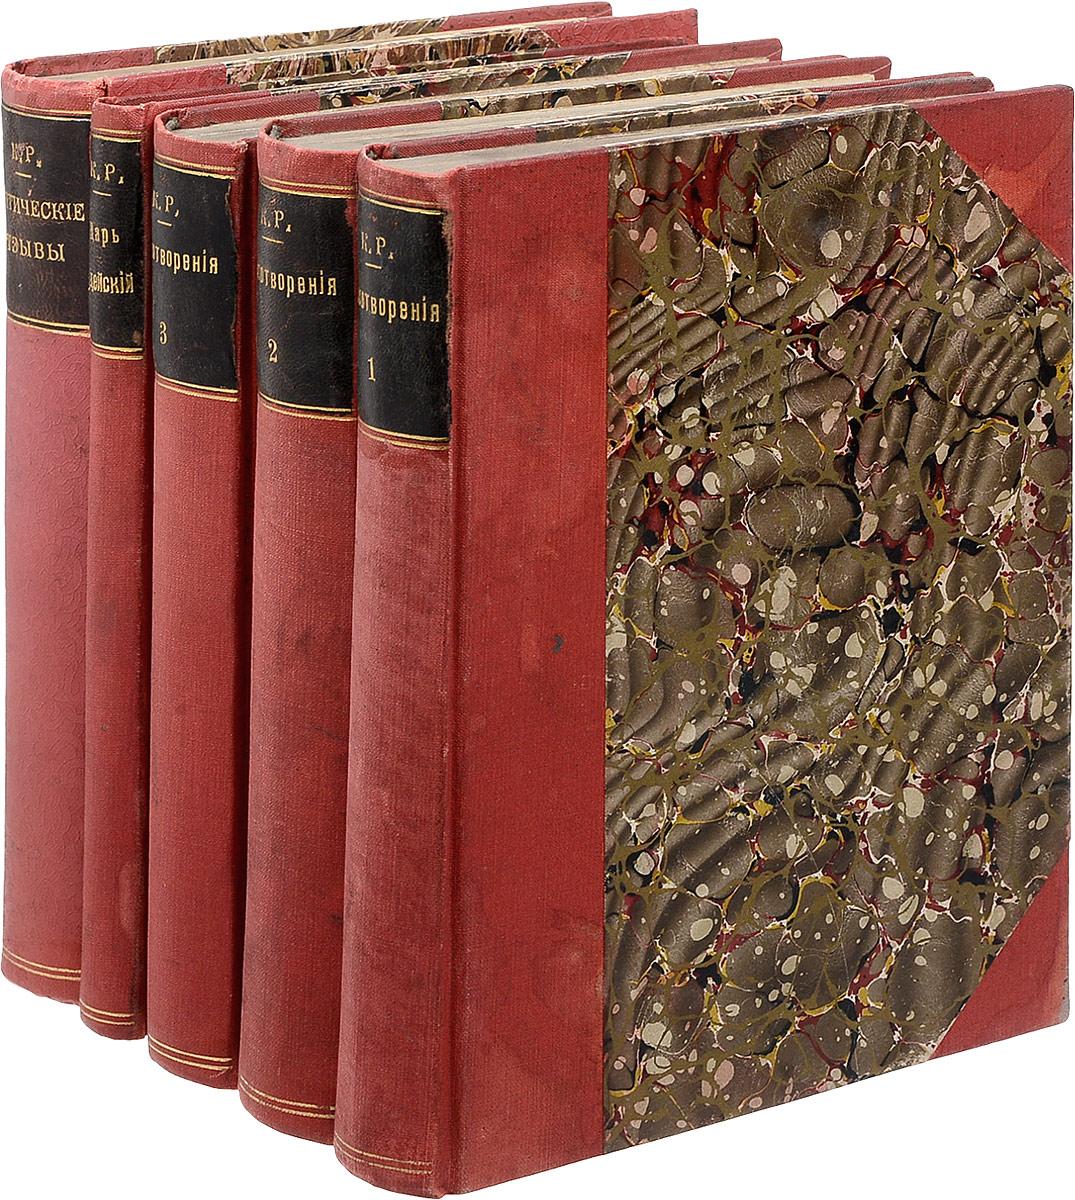 К Р Великий князь Константин Романов Собрание сочинений в 5 томах комплект из 5 книг